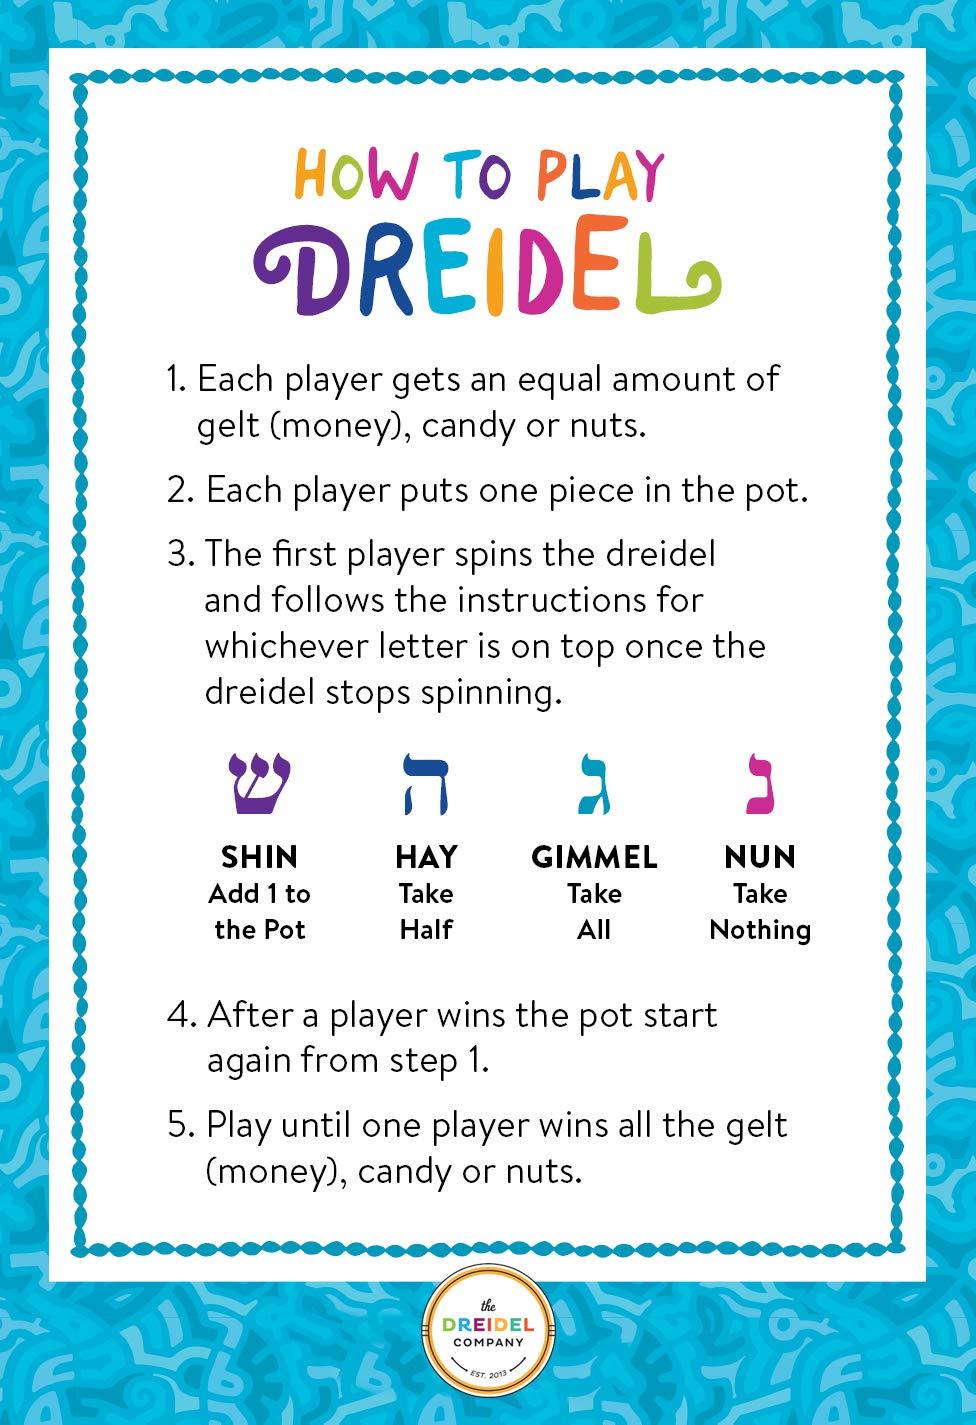 Hanukkah Dreidel Extra Large Wooden Dreidels Hand Painted - Includes Game Instruction Cards! (10-Pack XL Dreidels) by The Dreidel Company (Image #3)